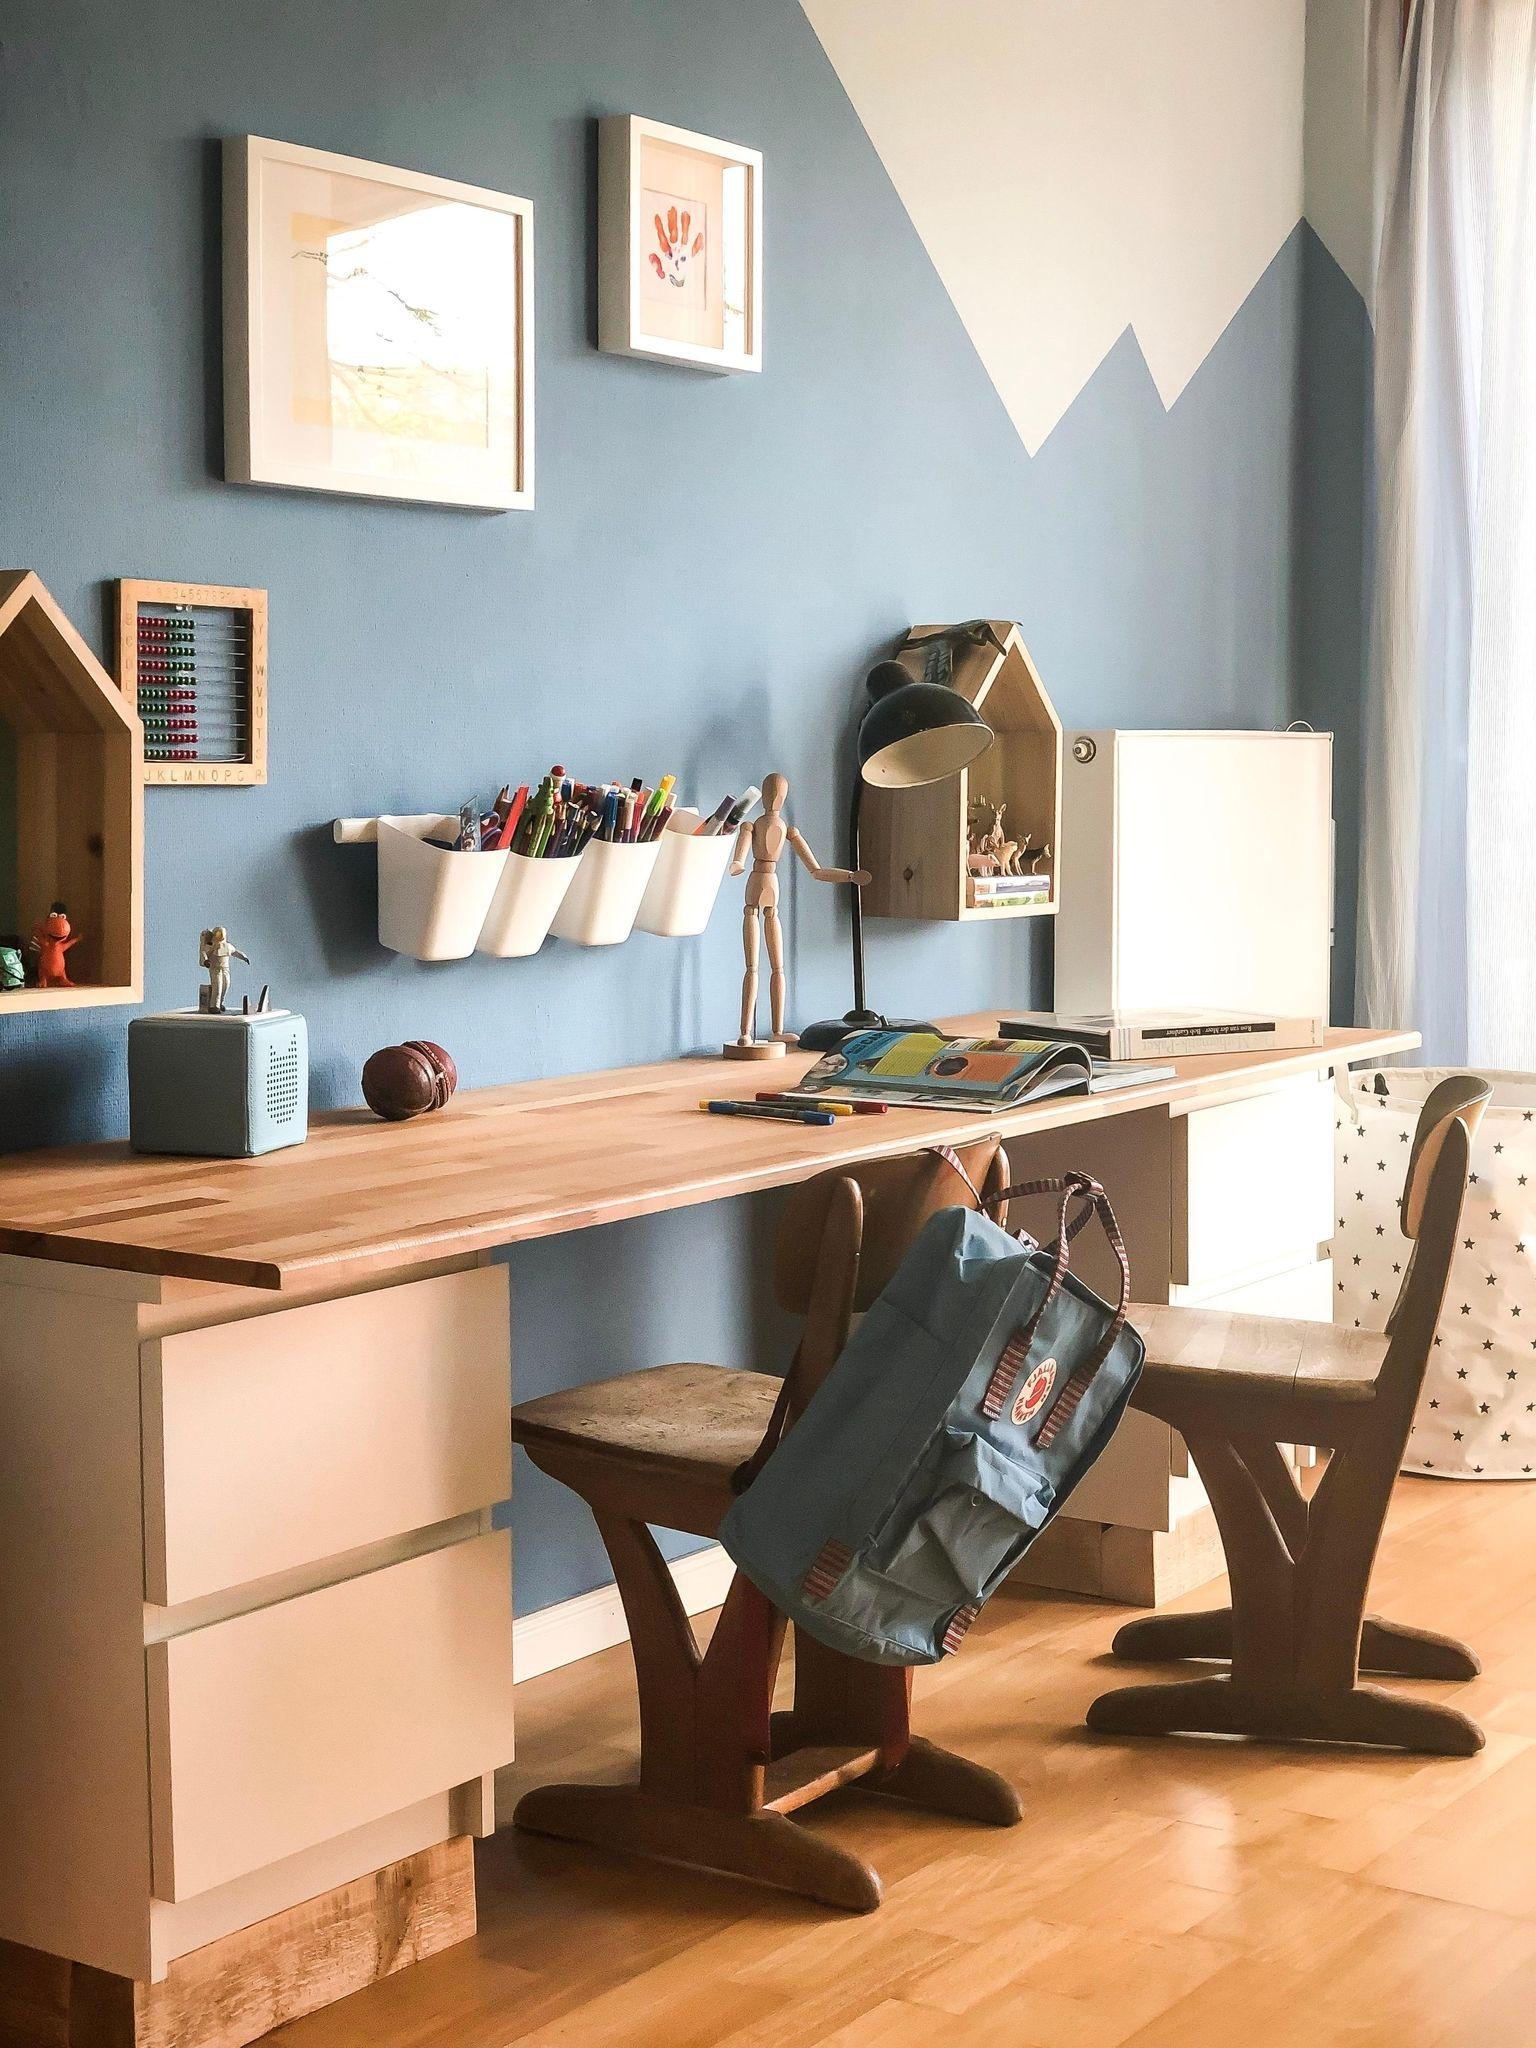 In Unserem Ikea Hack Zeigen Wir Euch Wie Ihr Einen Praktischen Ikea Hocker Kindergerecht Verschoner Kinder Zimmer Kinder Schreibtisch Ikea Schreibtisch Kinder